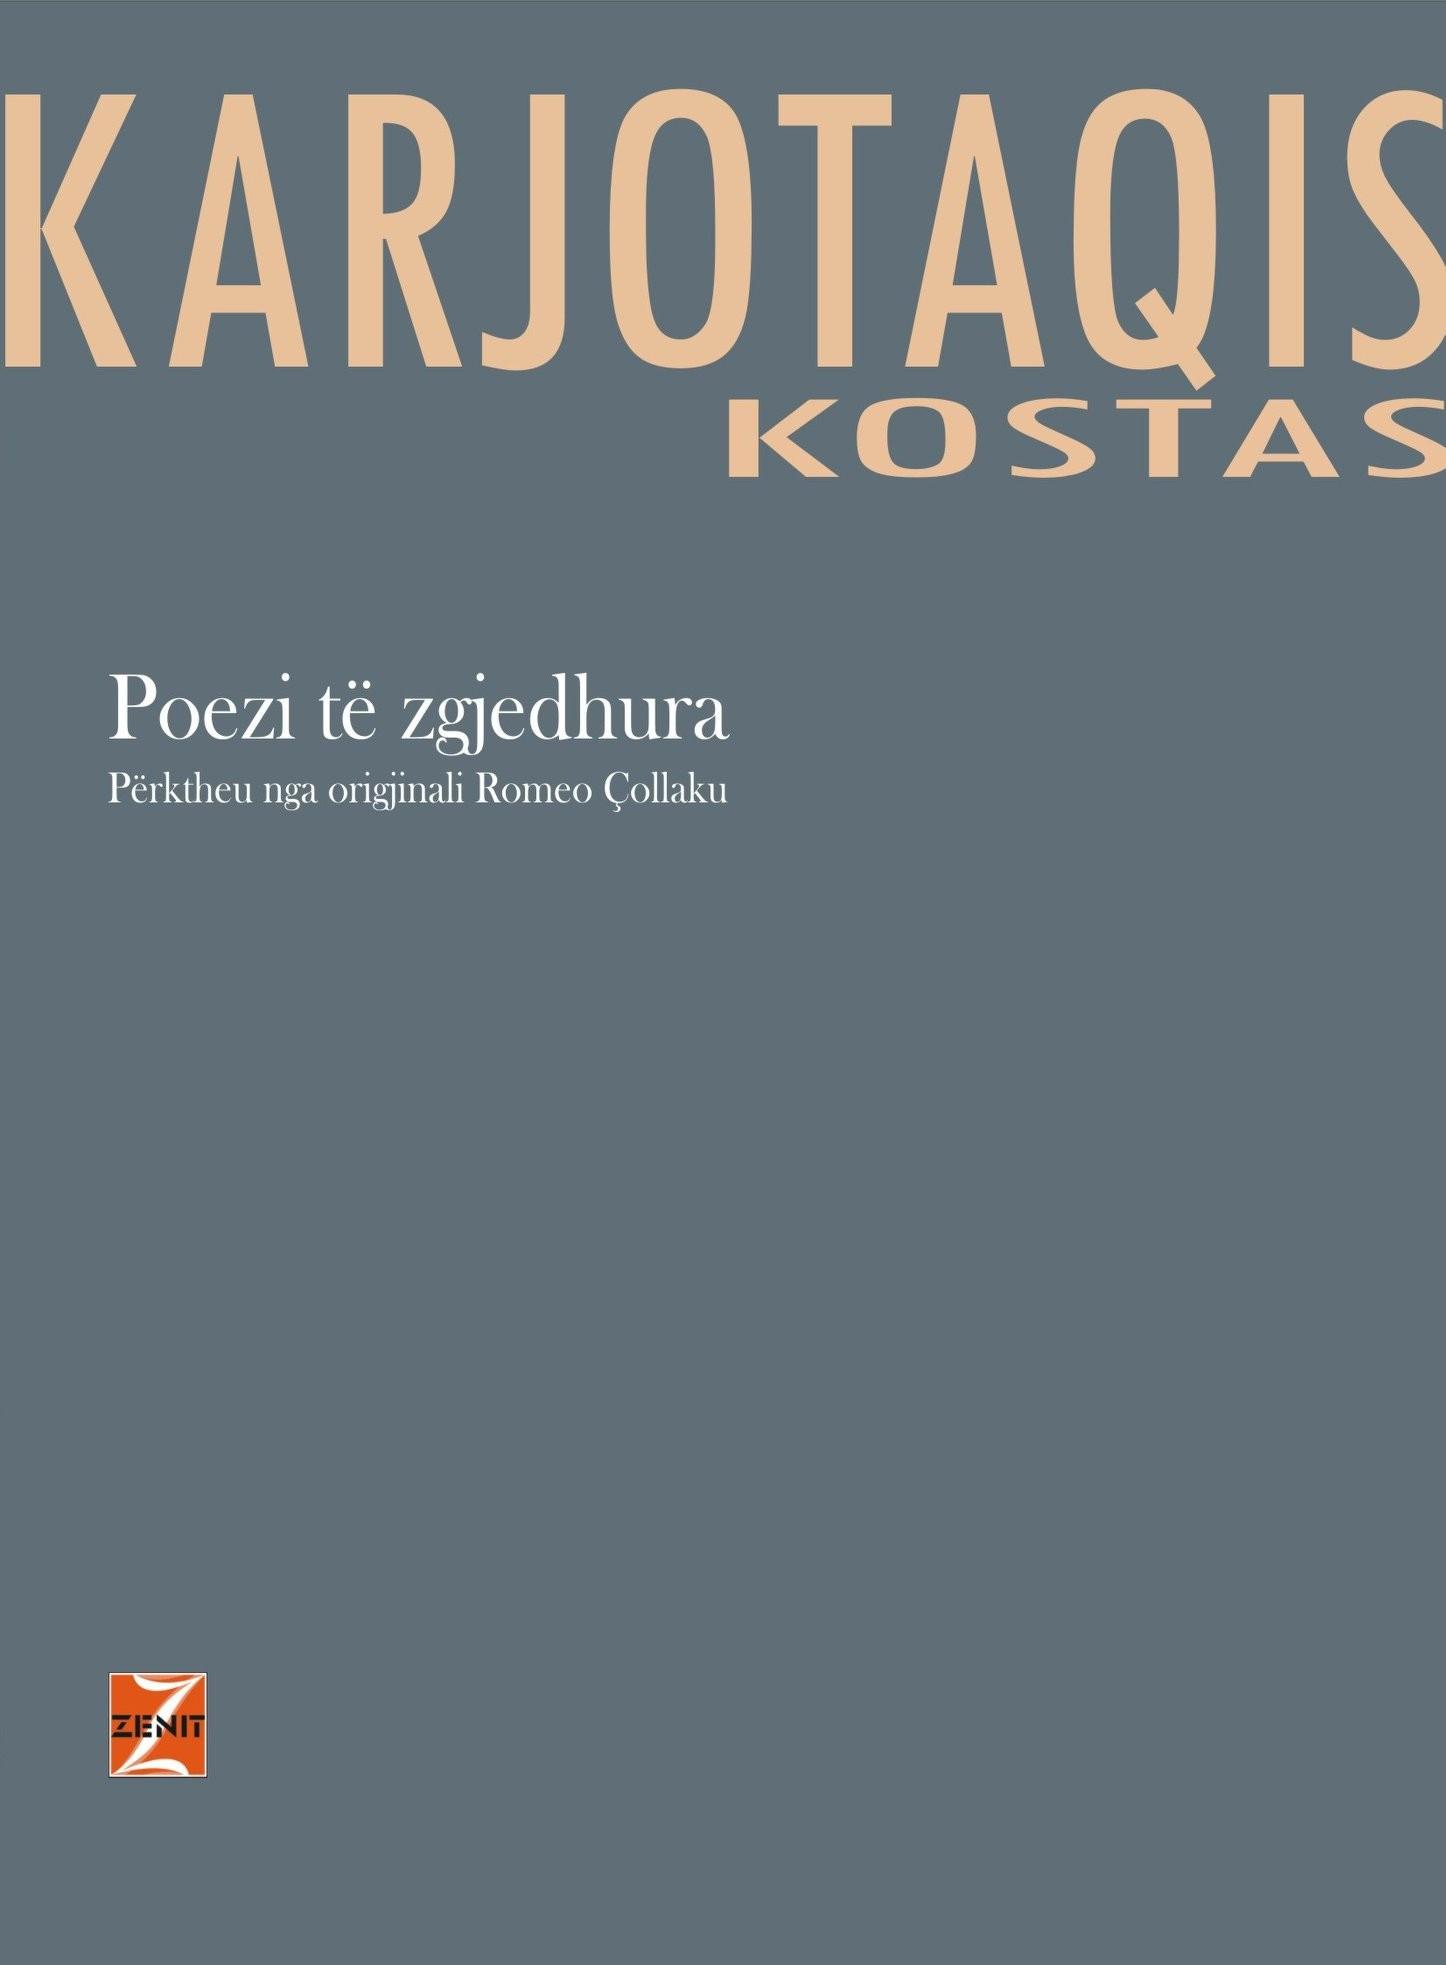 Kostas Karjotaqis - Poezi te zgjedhura